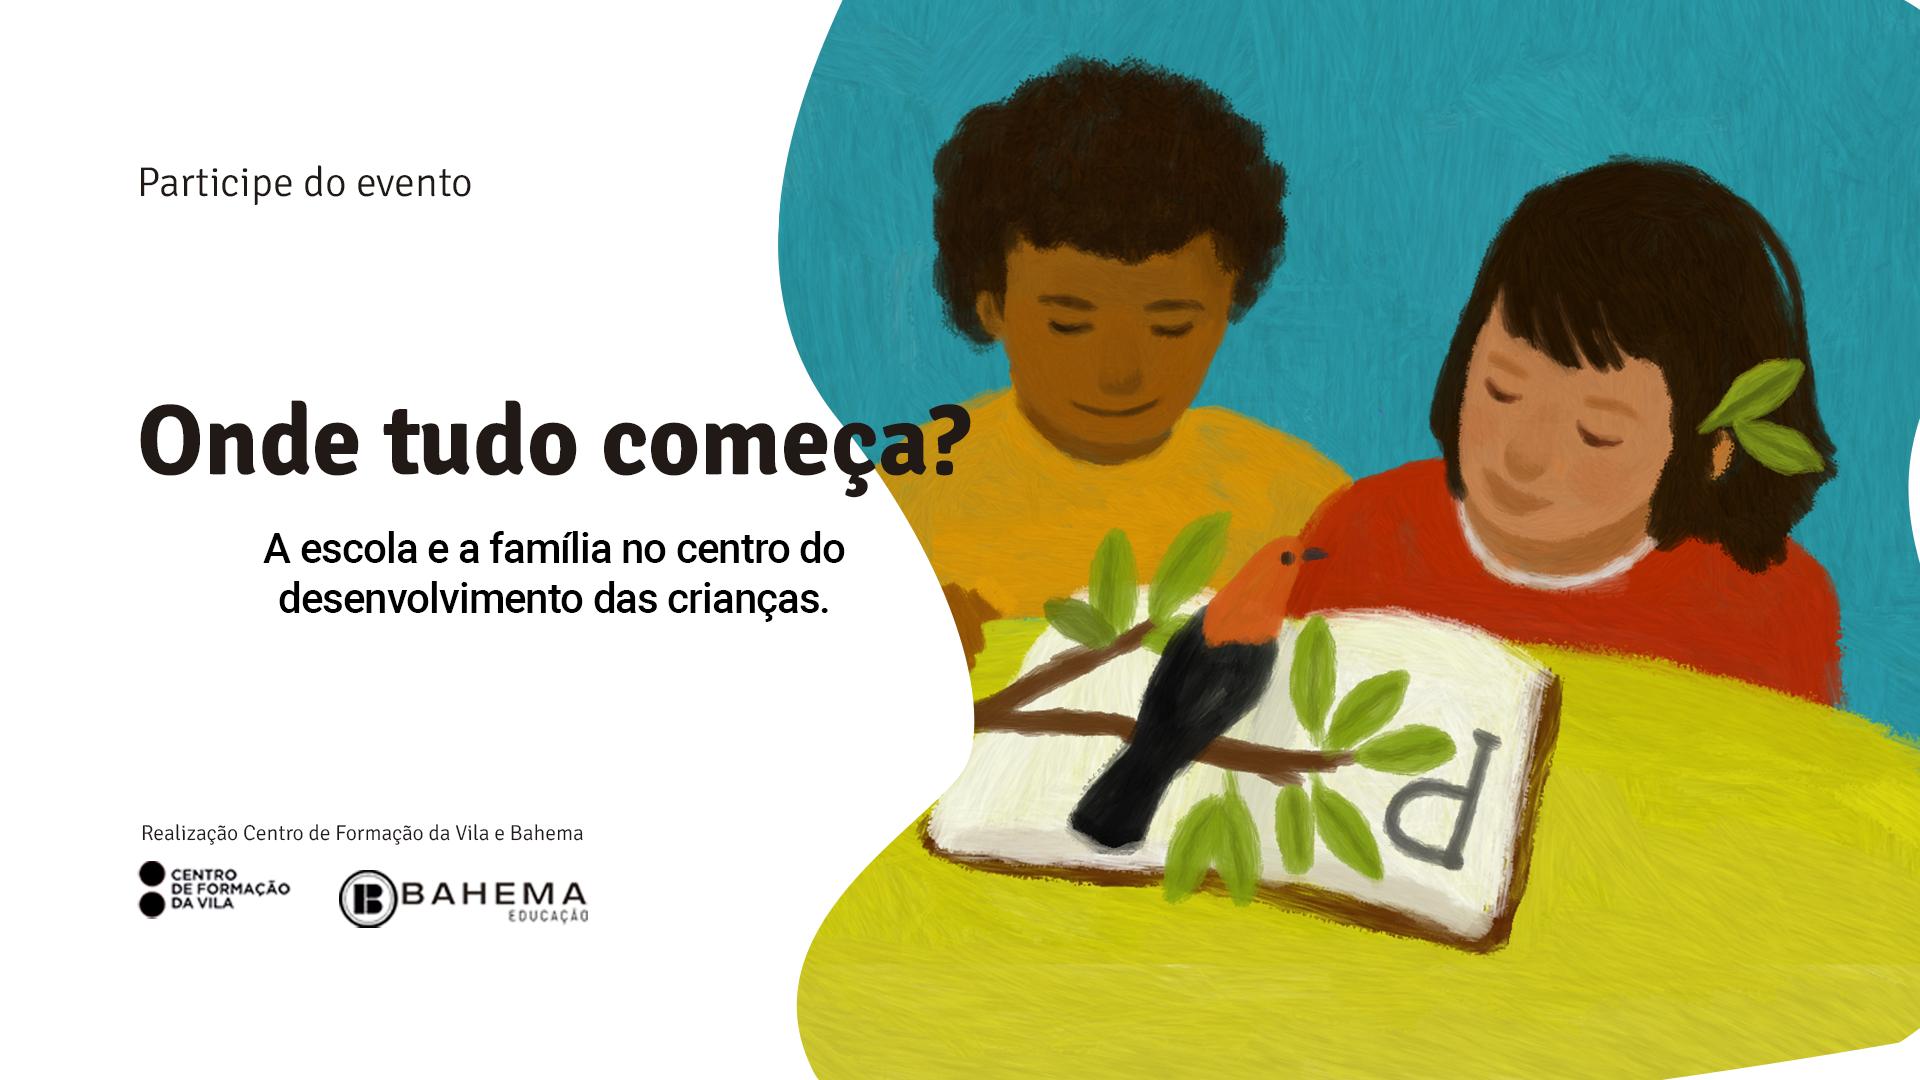 A imagem mostra o cartaz de divulgação de um curso para formadores de educação infantil.